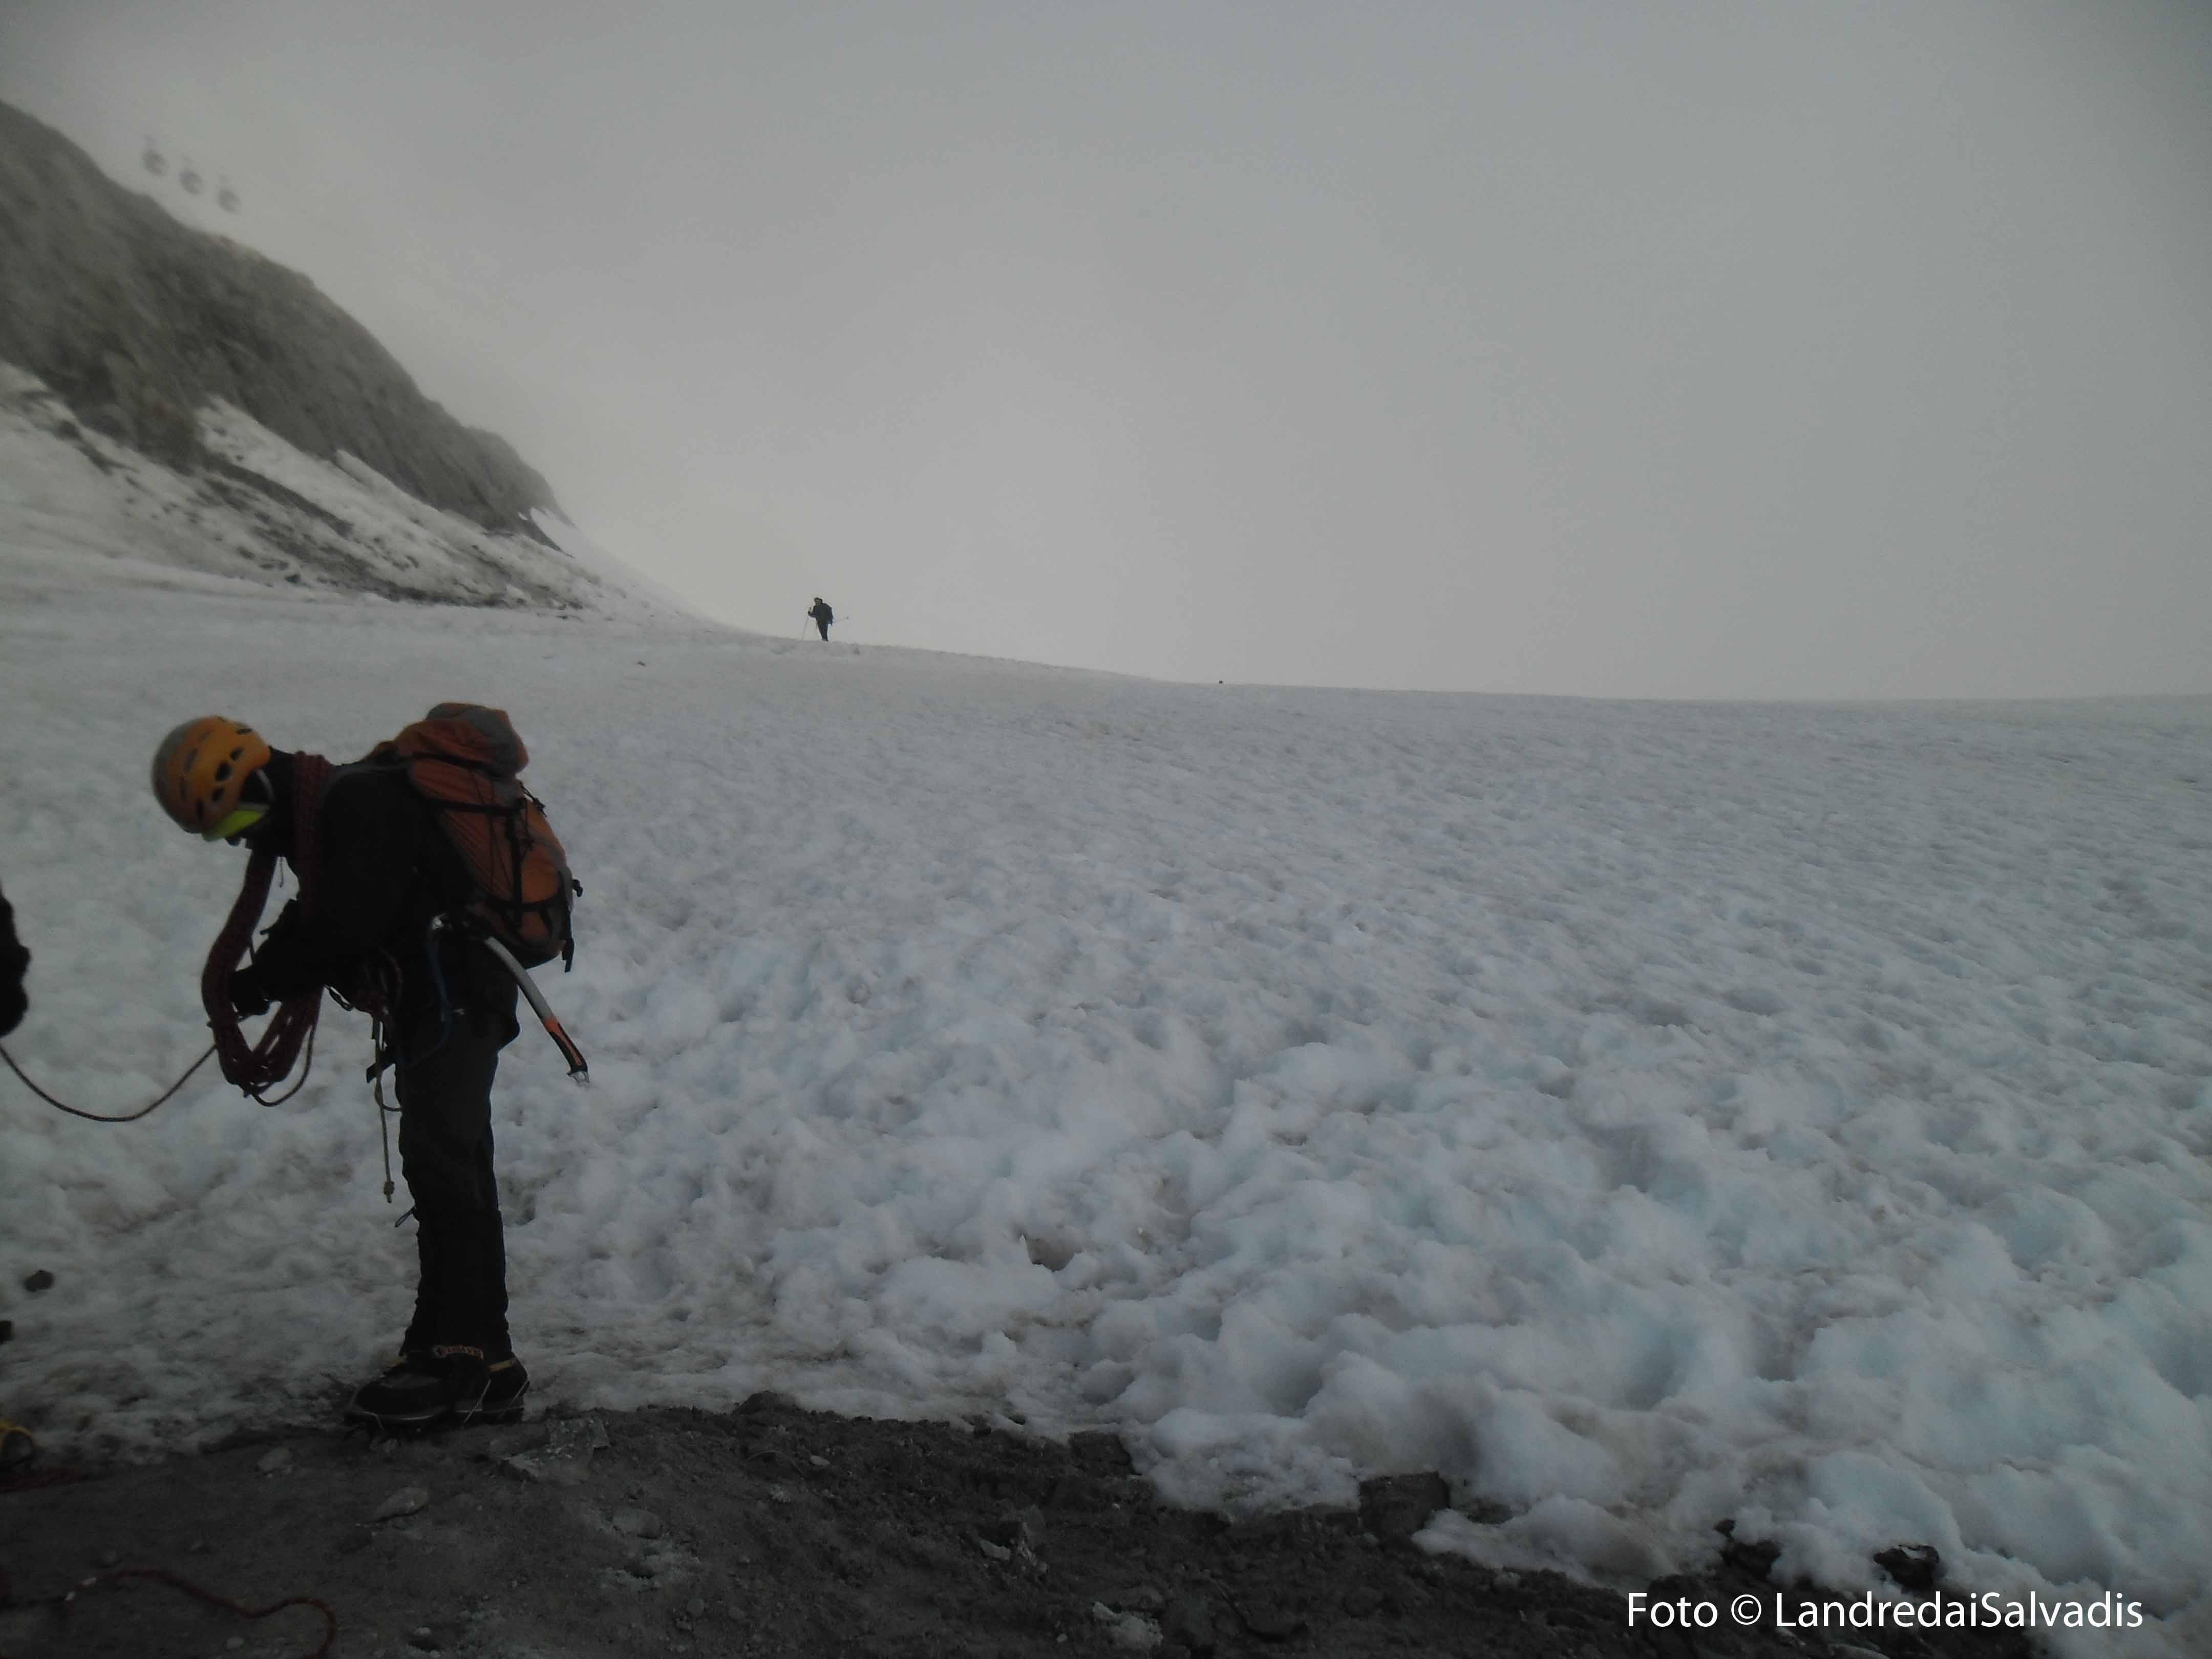 Appena giunti al ghiacciaio